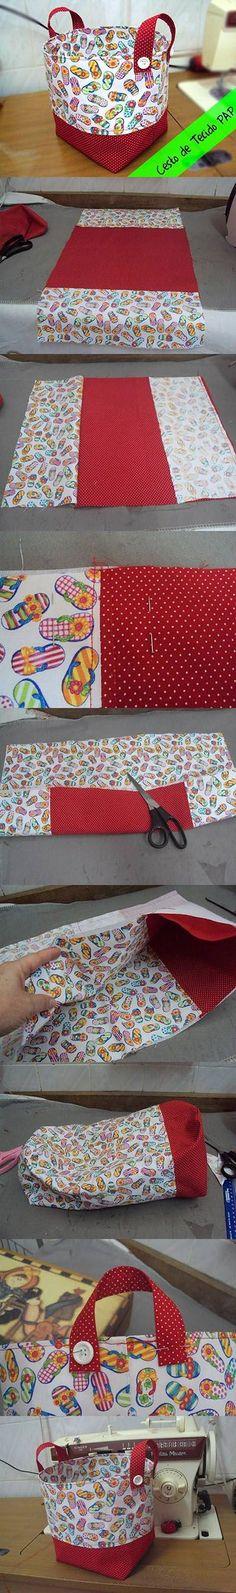 DIY Easy Fabric Basket   DIY & Crafts Tutorials